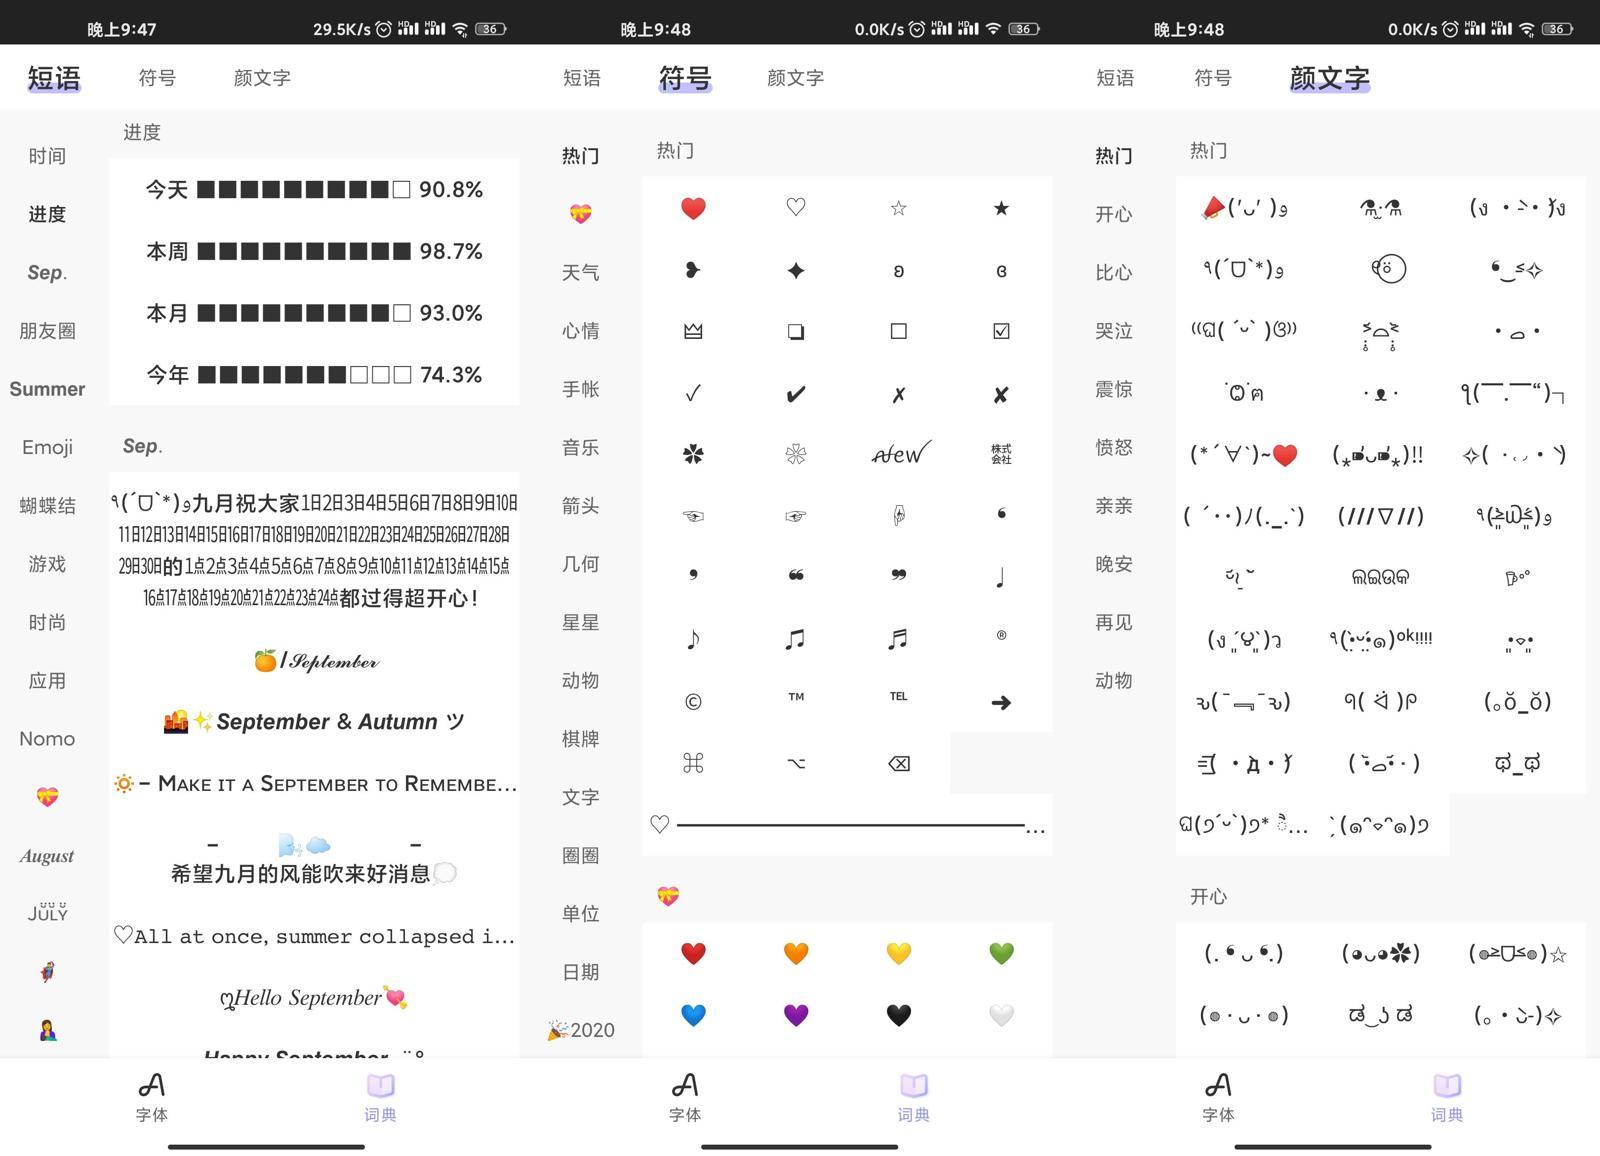 安卓花样文字v2.9.4绿化版百度网盘蓝奏网盘